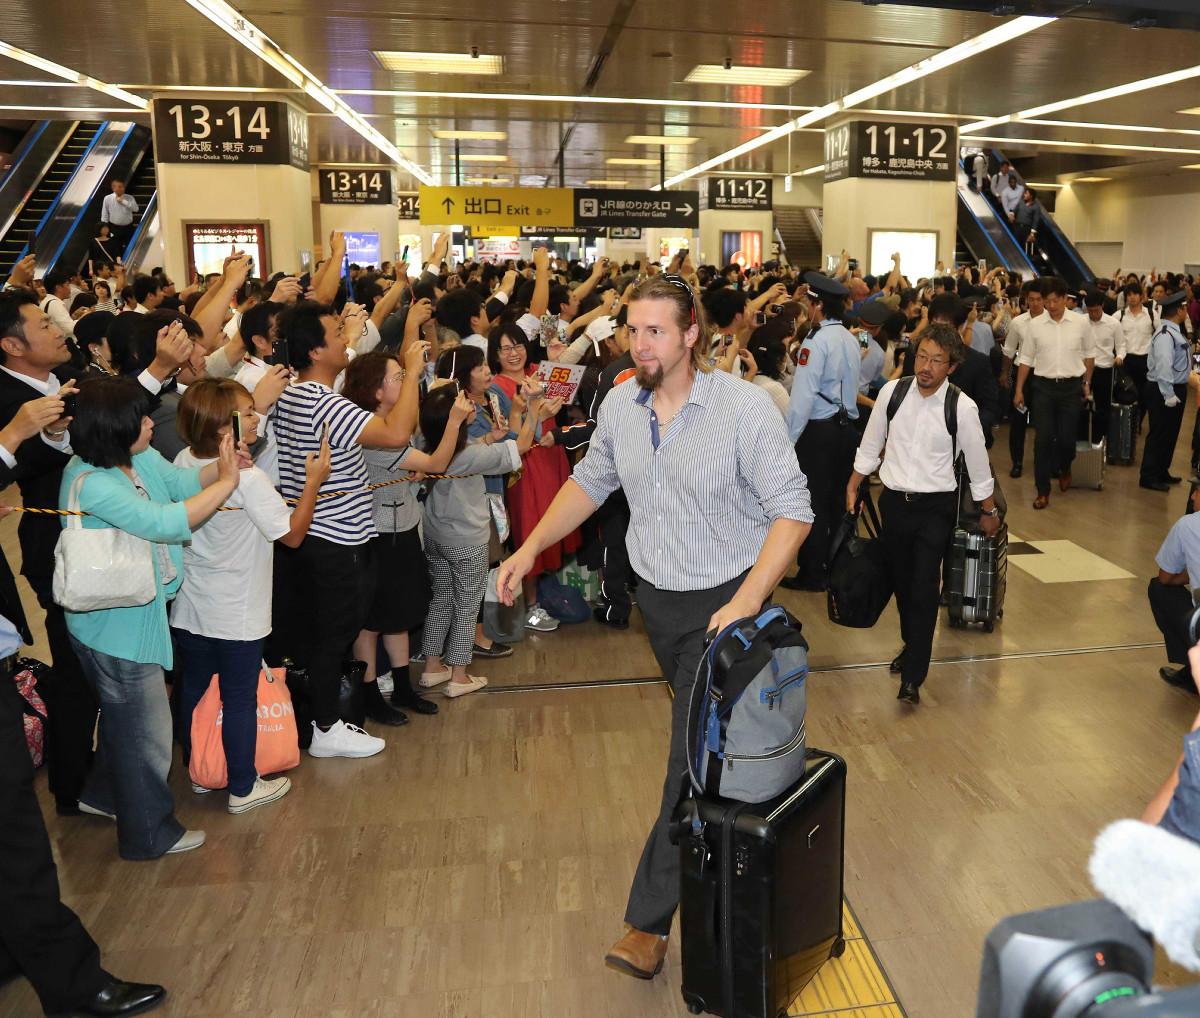 17年9月19日、リーグ優勝から一夜明け、広島駅ではエルドレッド(手前)らナインを多くのファンが出迎えた